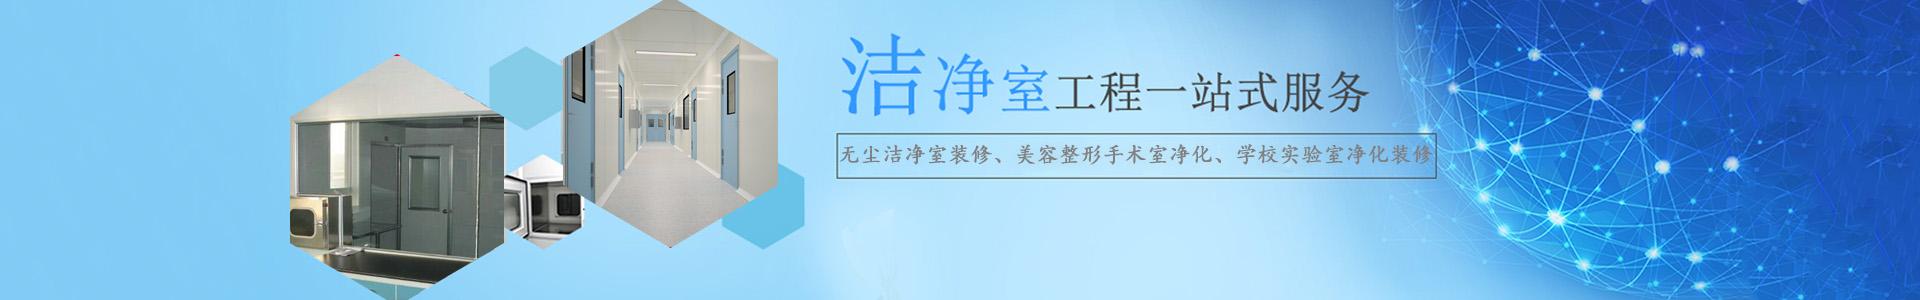 http://www.sdjingzhiyuan.com/data/images/slide/20190803164358_835.jpg